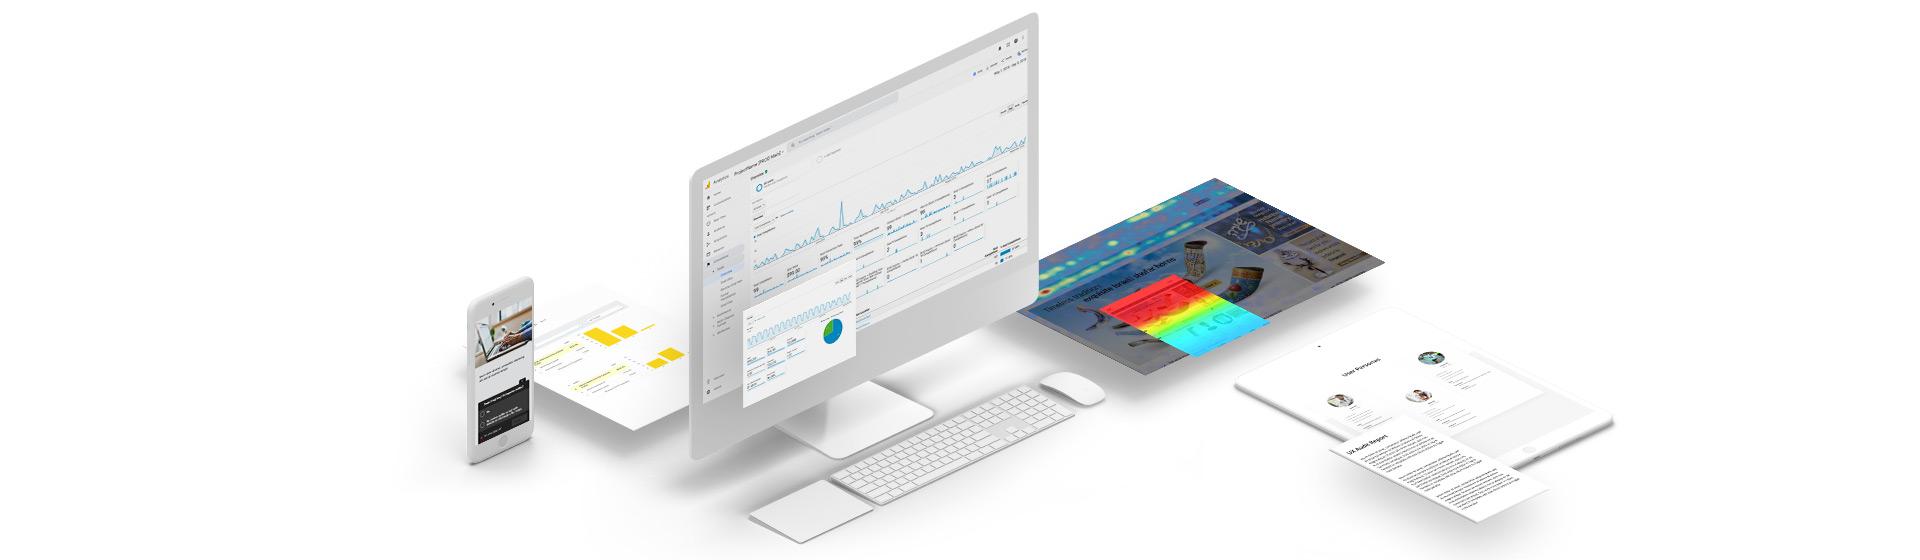 eCommerce UX Audit Hero Image